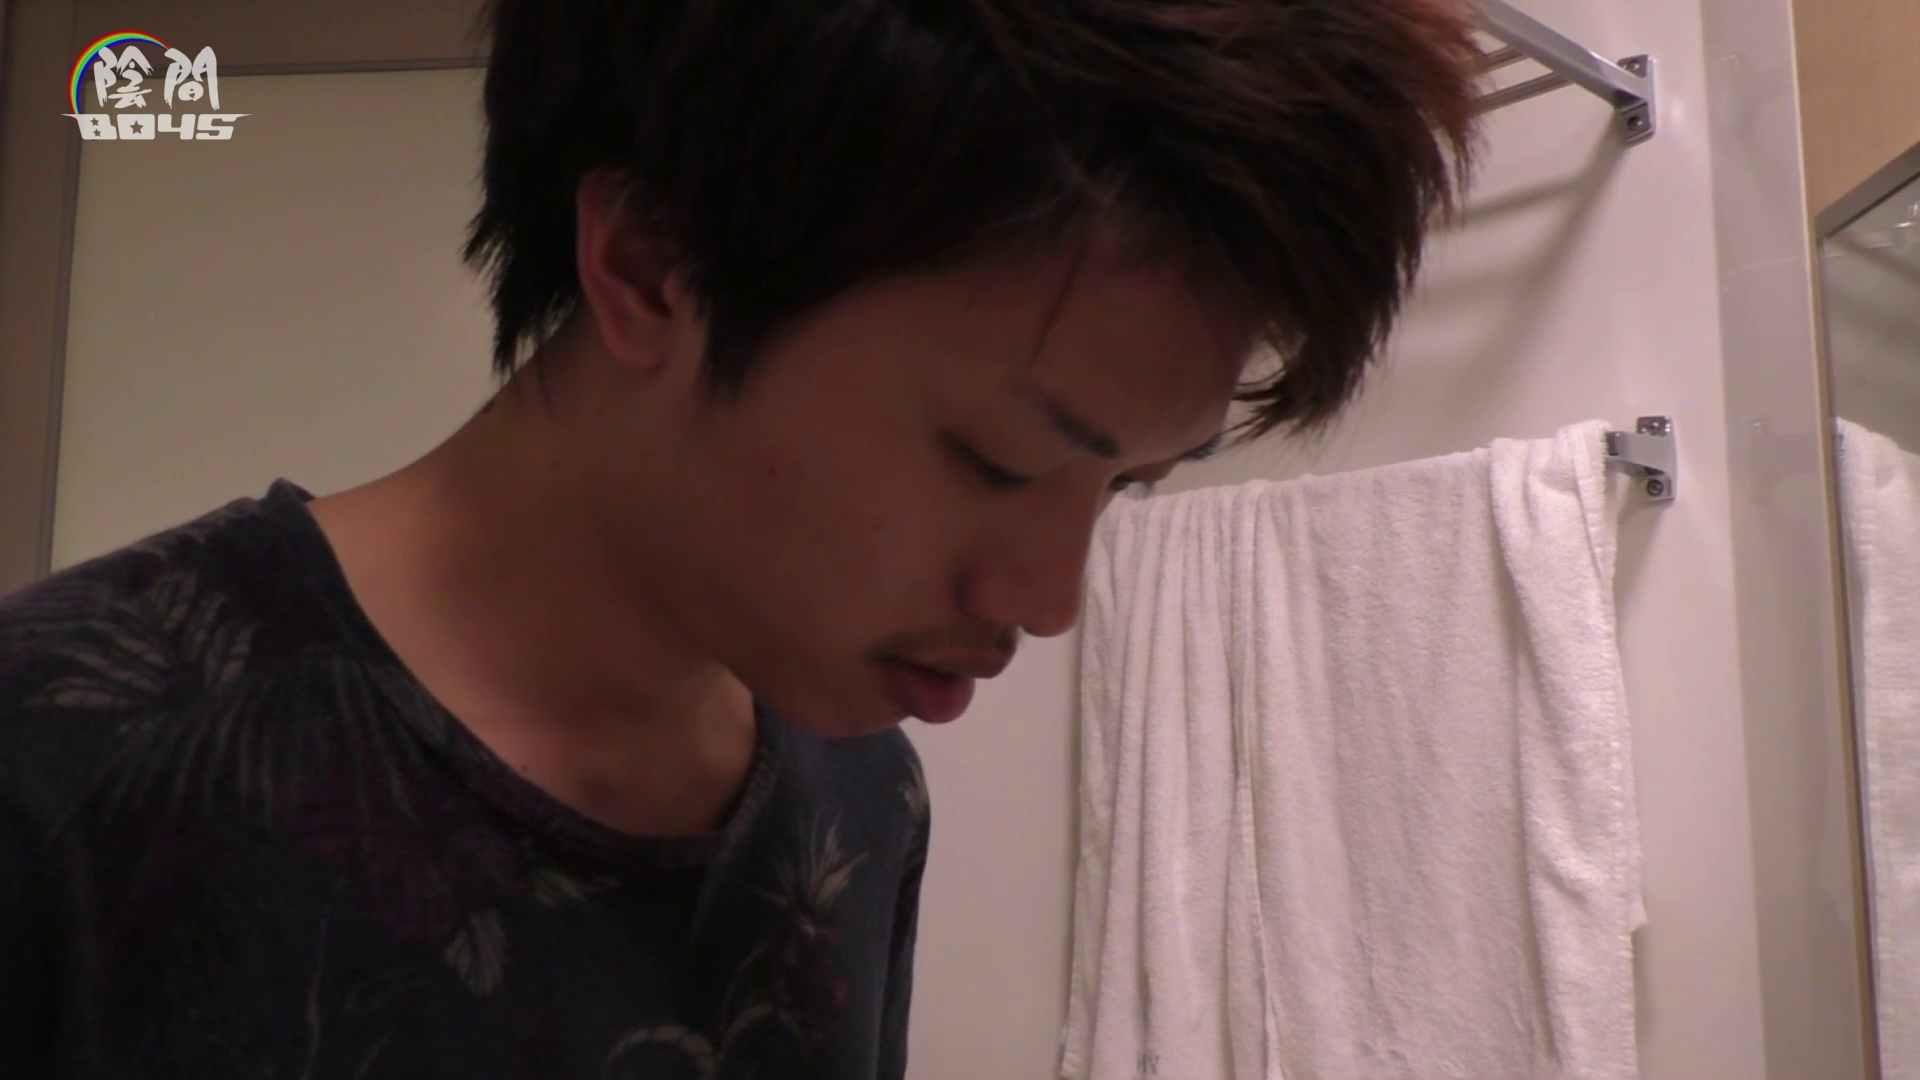 おいはカリデカ2!File.02 手コキ AV動画 60枚 3